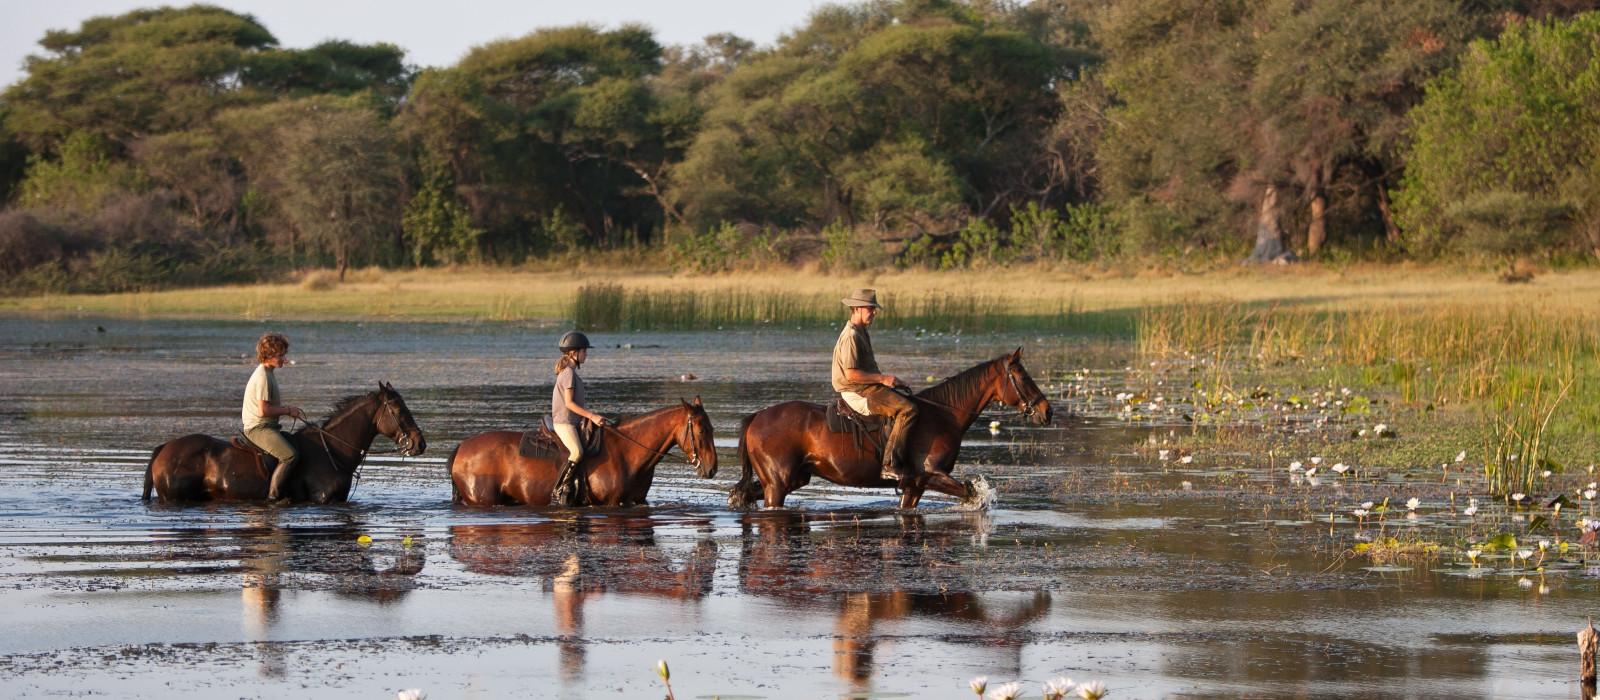 Hotel Thamalakane River Lodge Botswana